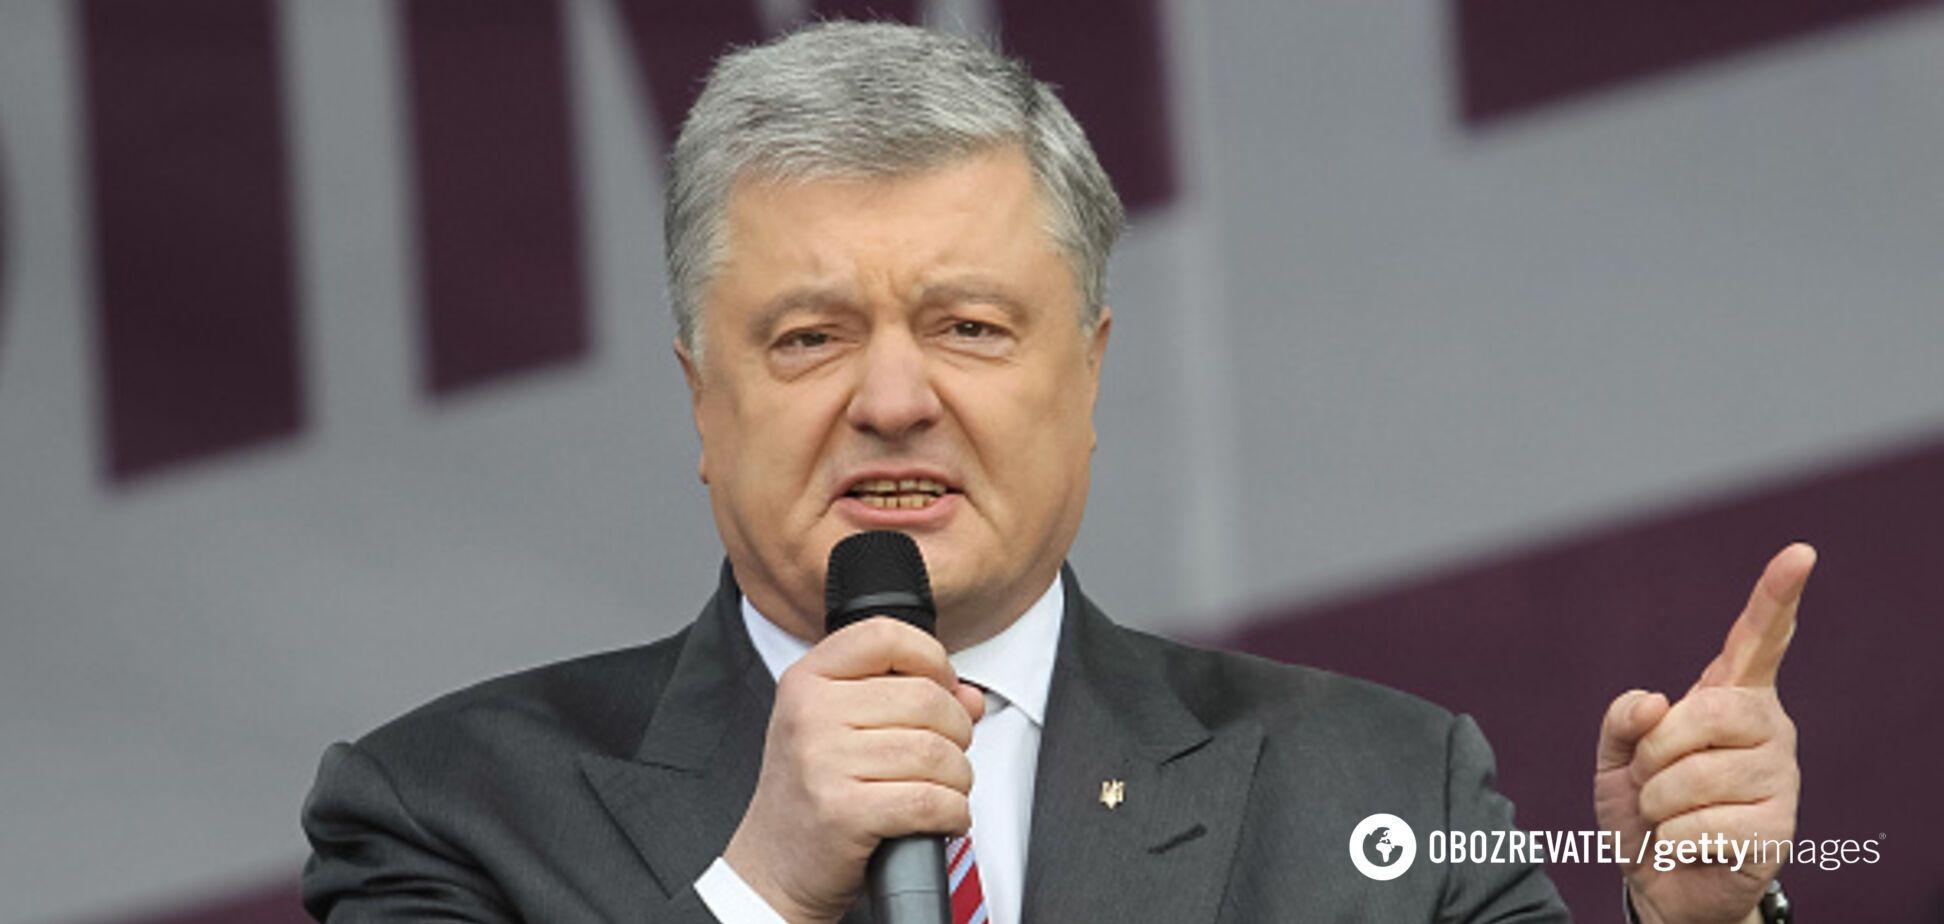 'Вперед на парламентські вибори!' Порошенко анонсував появу нових облич у команді